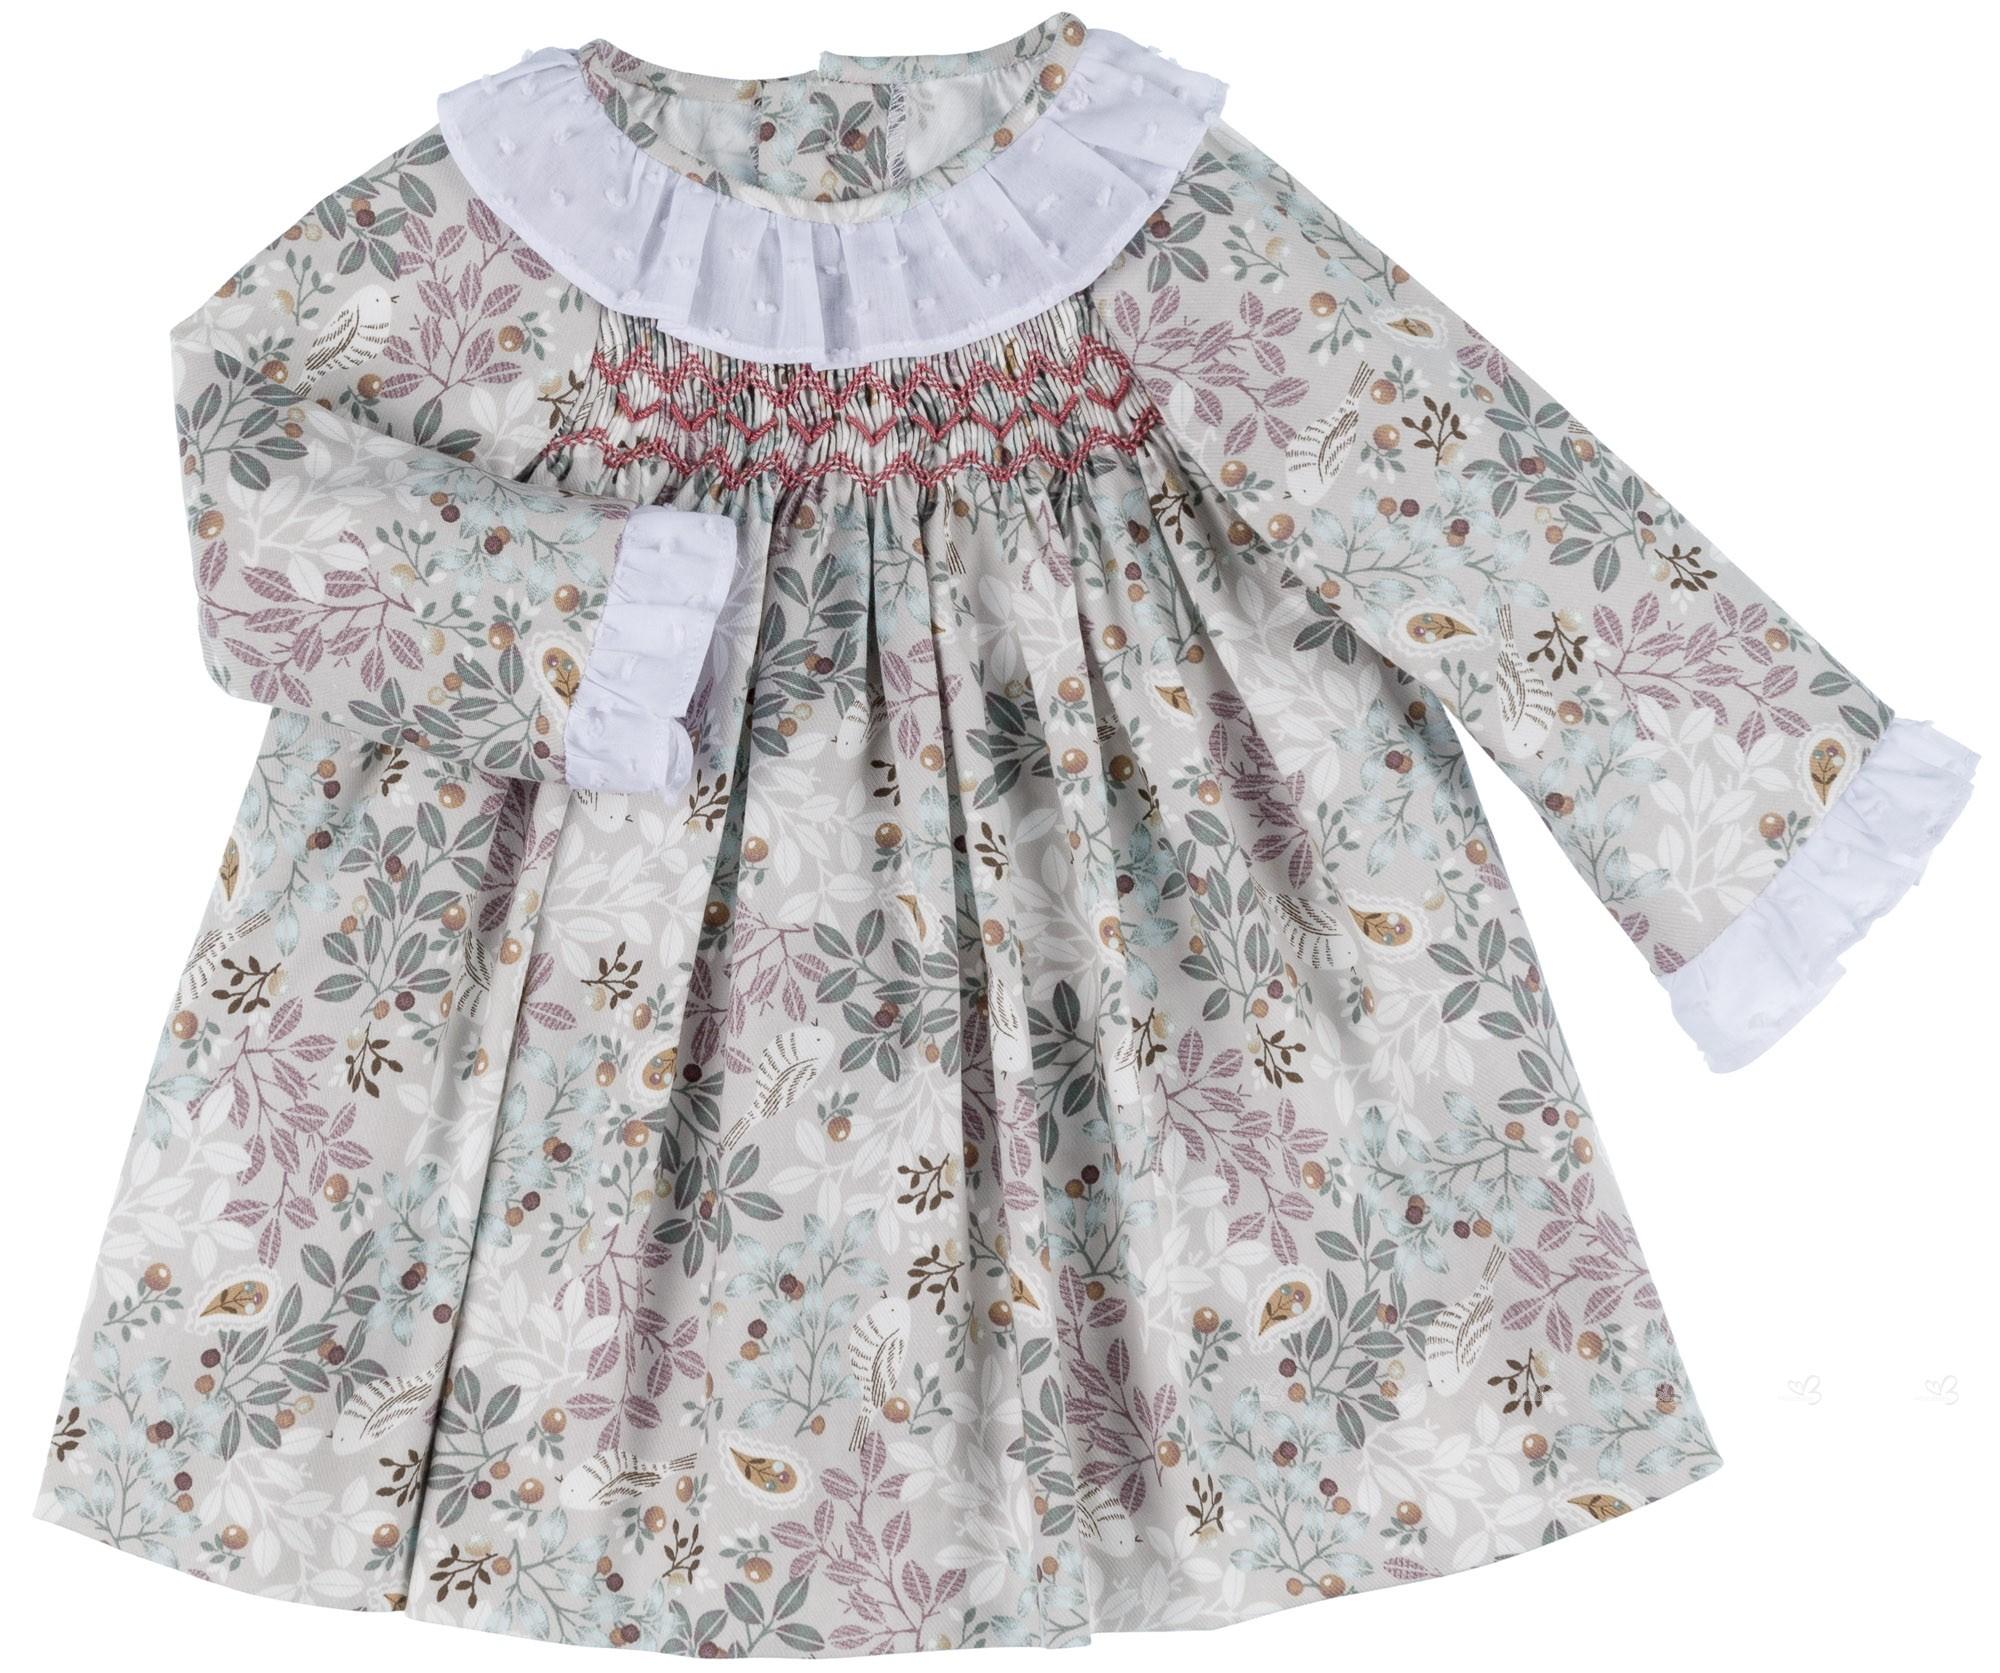 Ancar Vestido Bebé Nido de Abeja Flores   Pajaritos Gris ... 604c83b027b